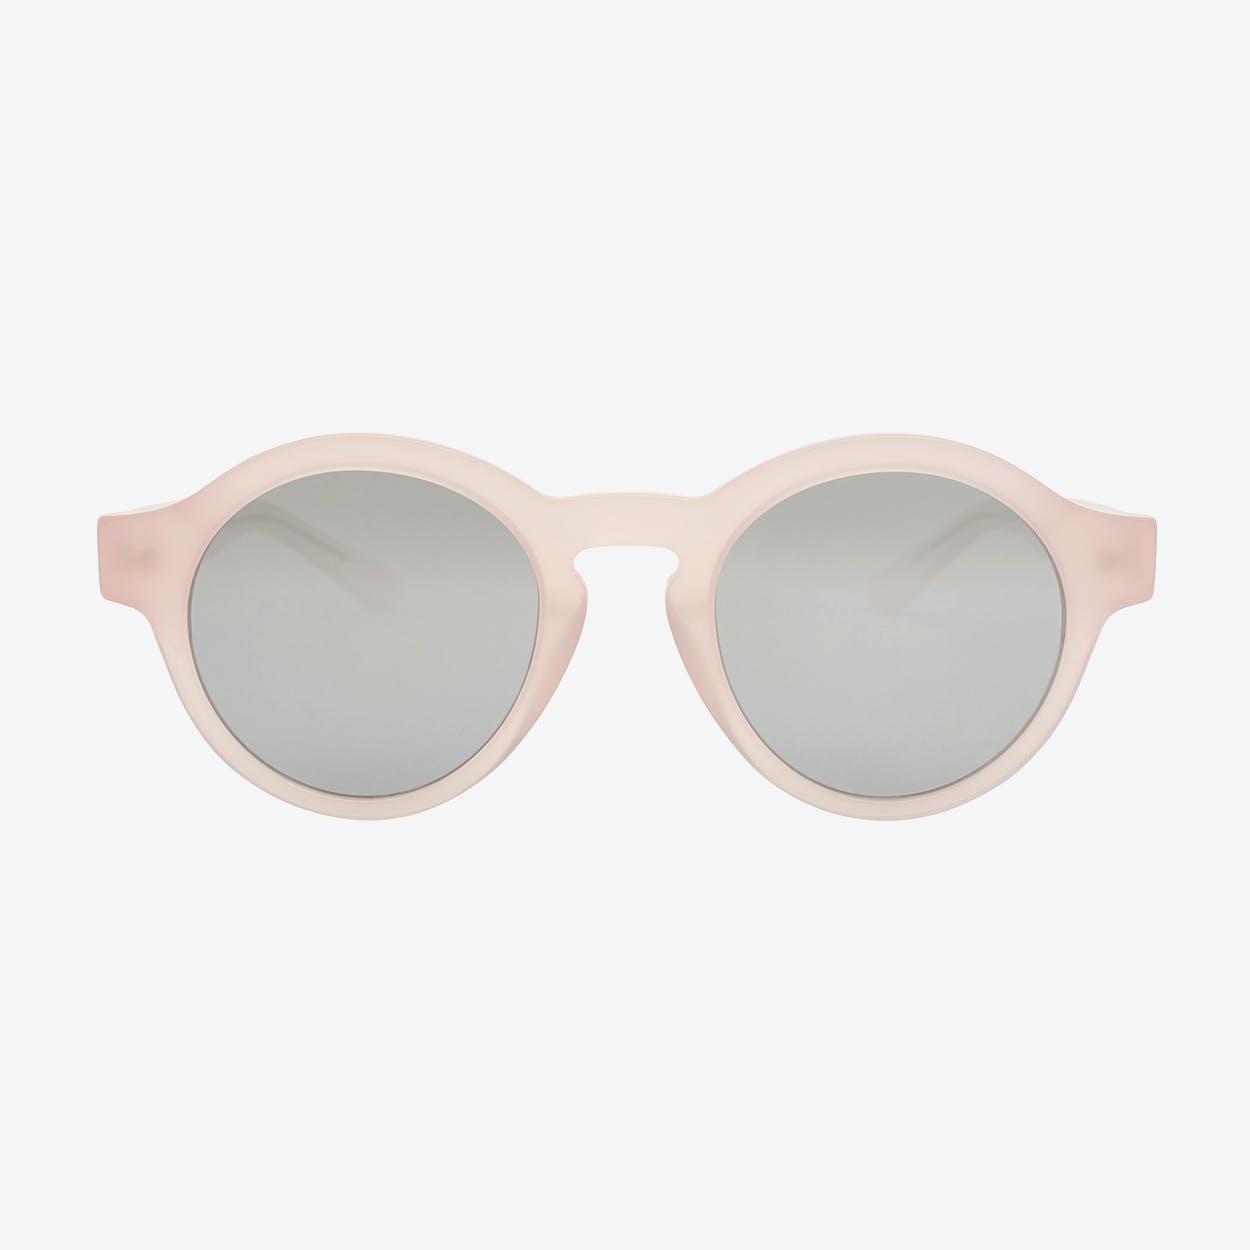 Esso Sunglasses in Pink